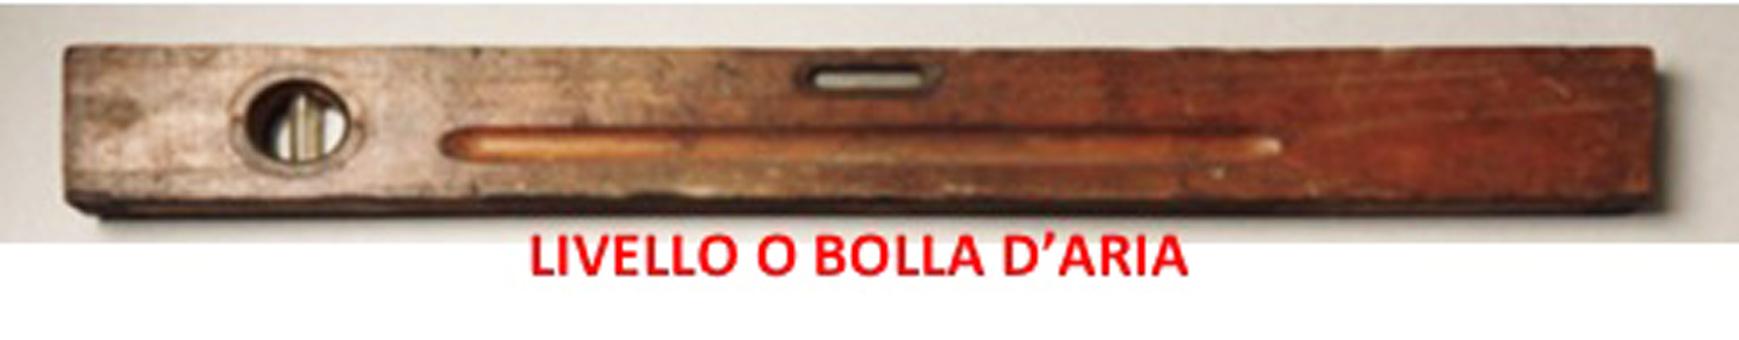 __________19-LIVELLO_O_BOLLA_DARIA_poeve_e_scalpellini_